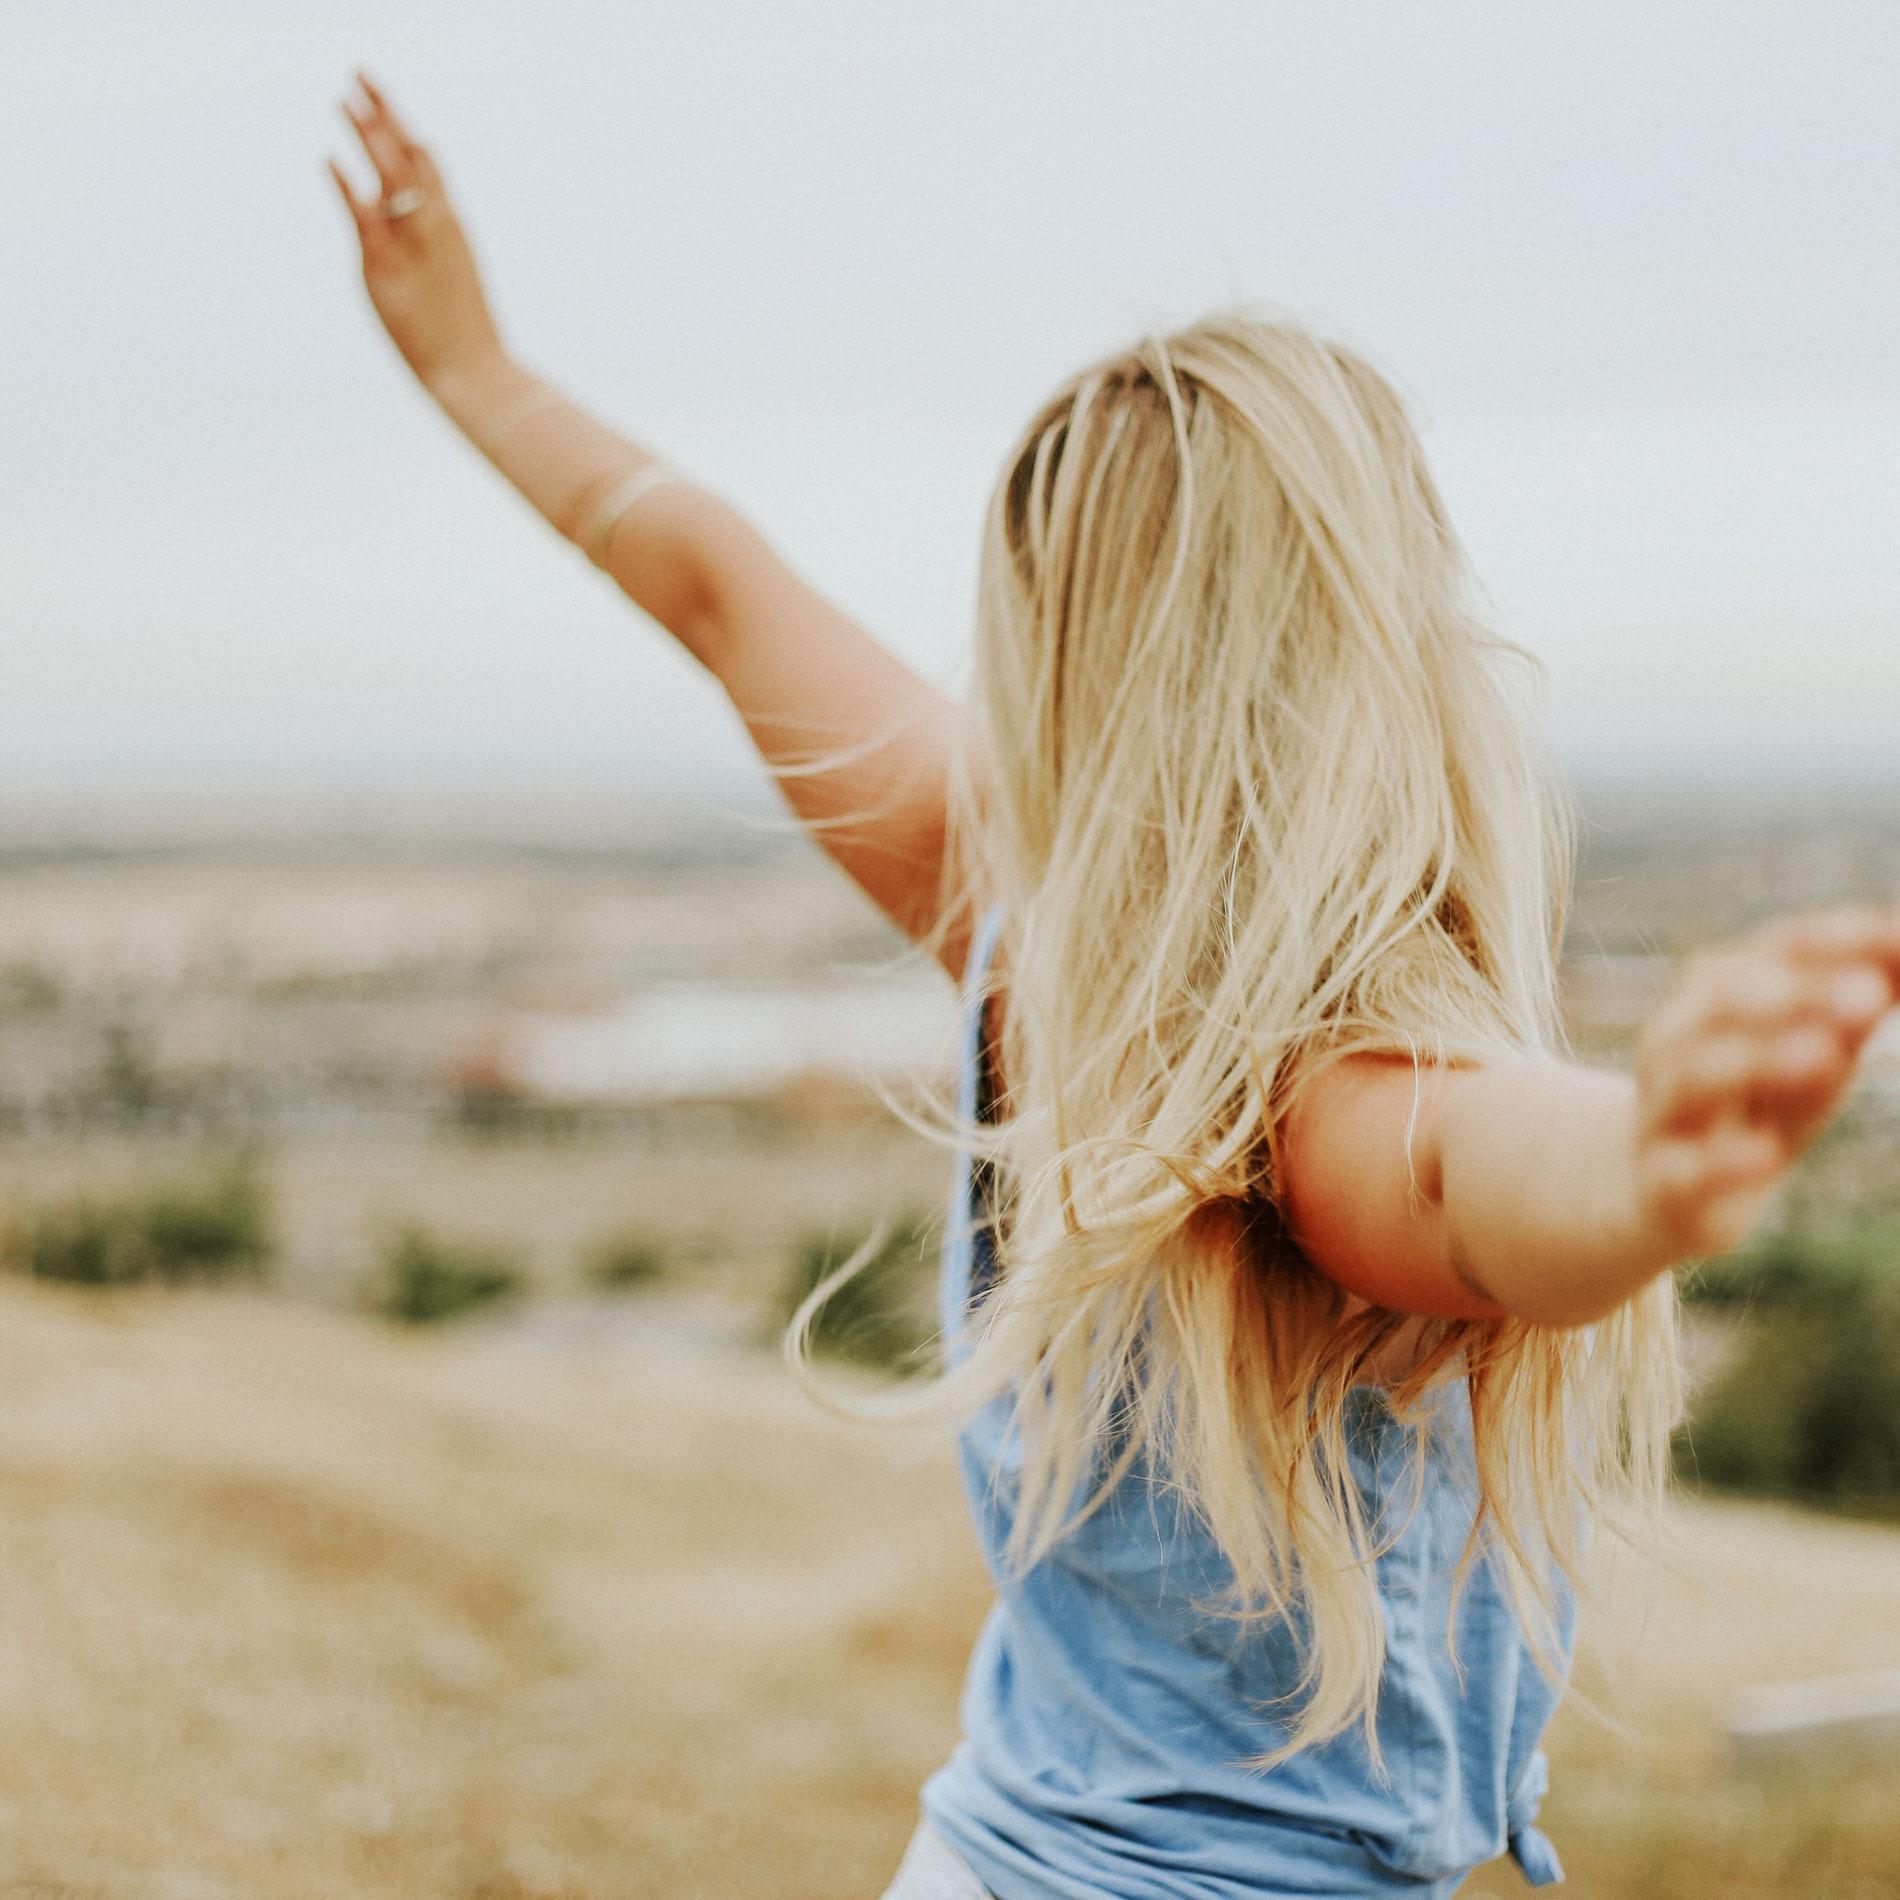 Tipps gegen Stress, 5 simple Wege Stress zu reduzieren, Stress vermeiden, Stress lindern, Wohlbefinden steigern, weniger Stress im Alltag, stressfrei leben, Tipps um Stress zu reduzieren